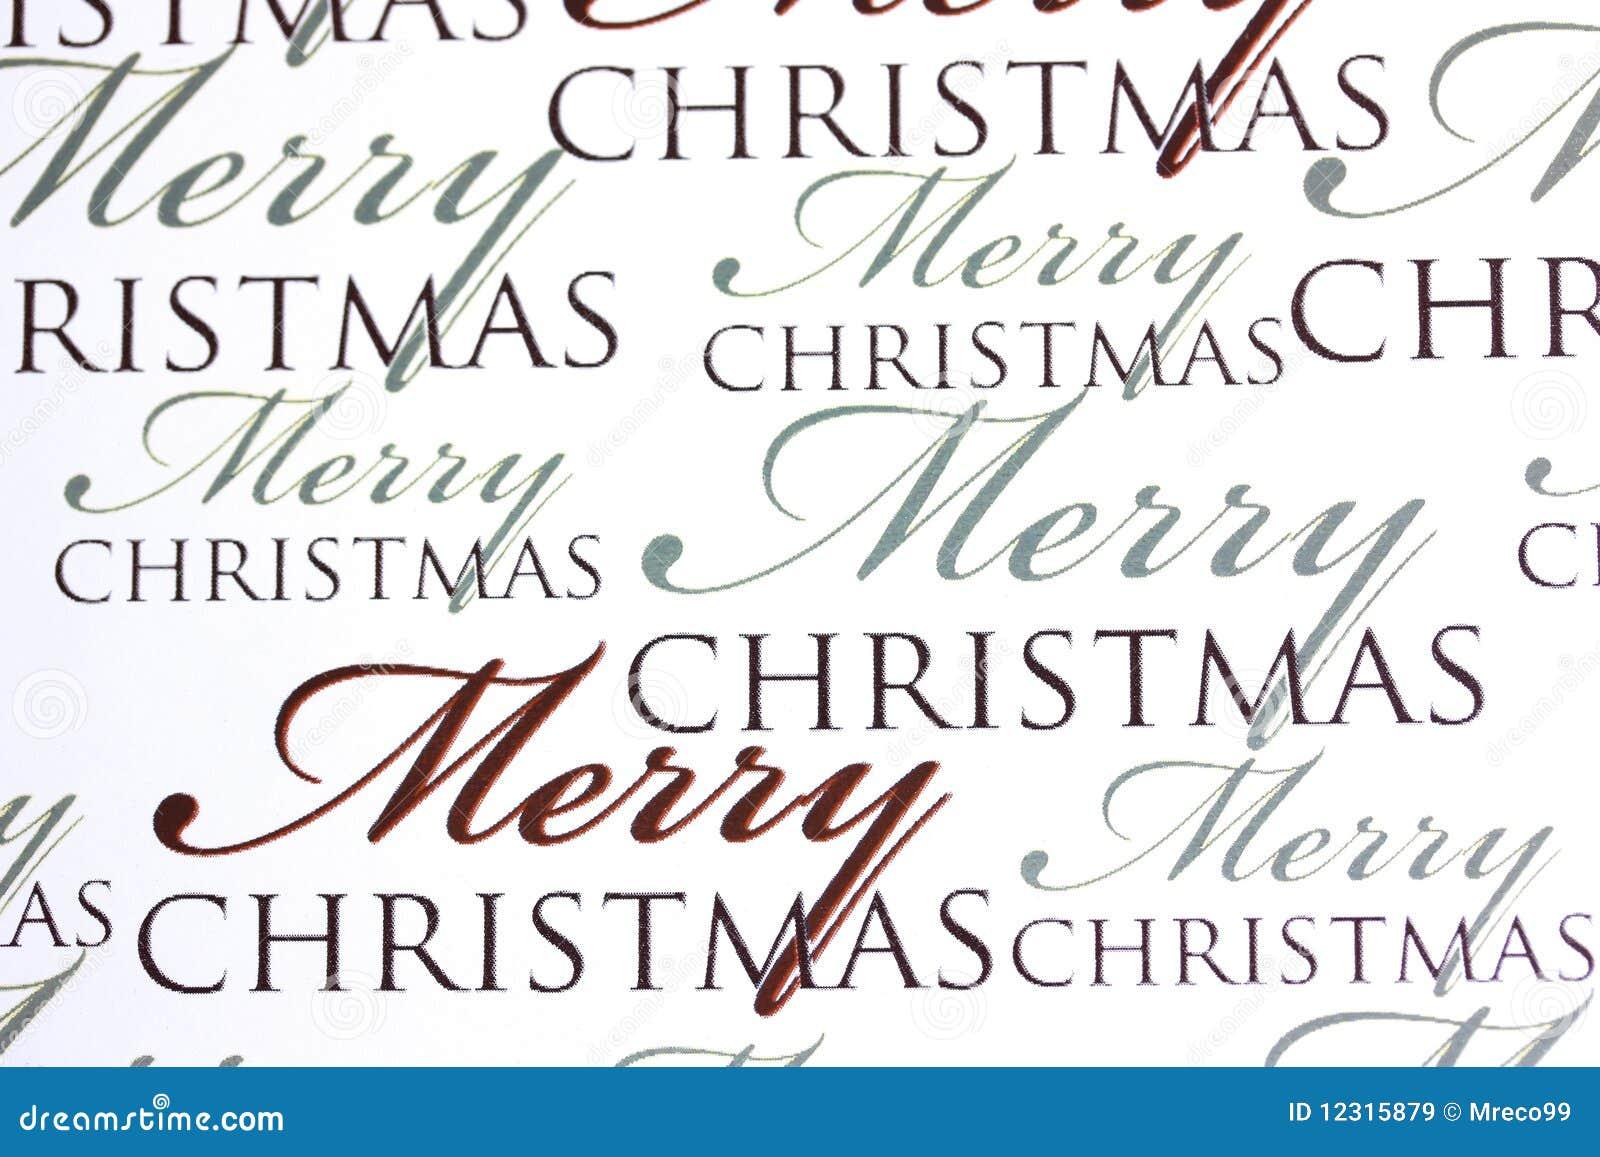 Weihnachten Wörter.Wörter Der Frohen Weihnachten Auf Papierhintergrund Stockbild Bild